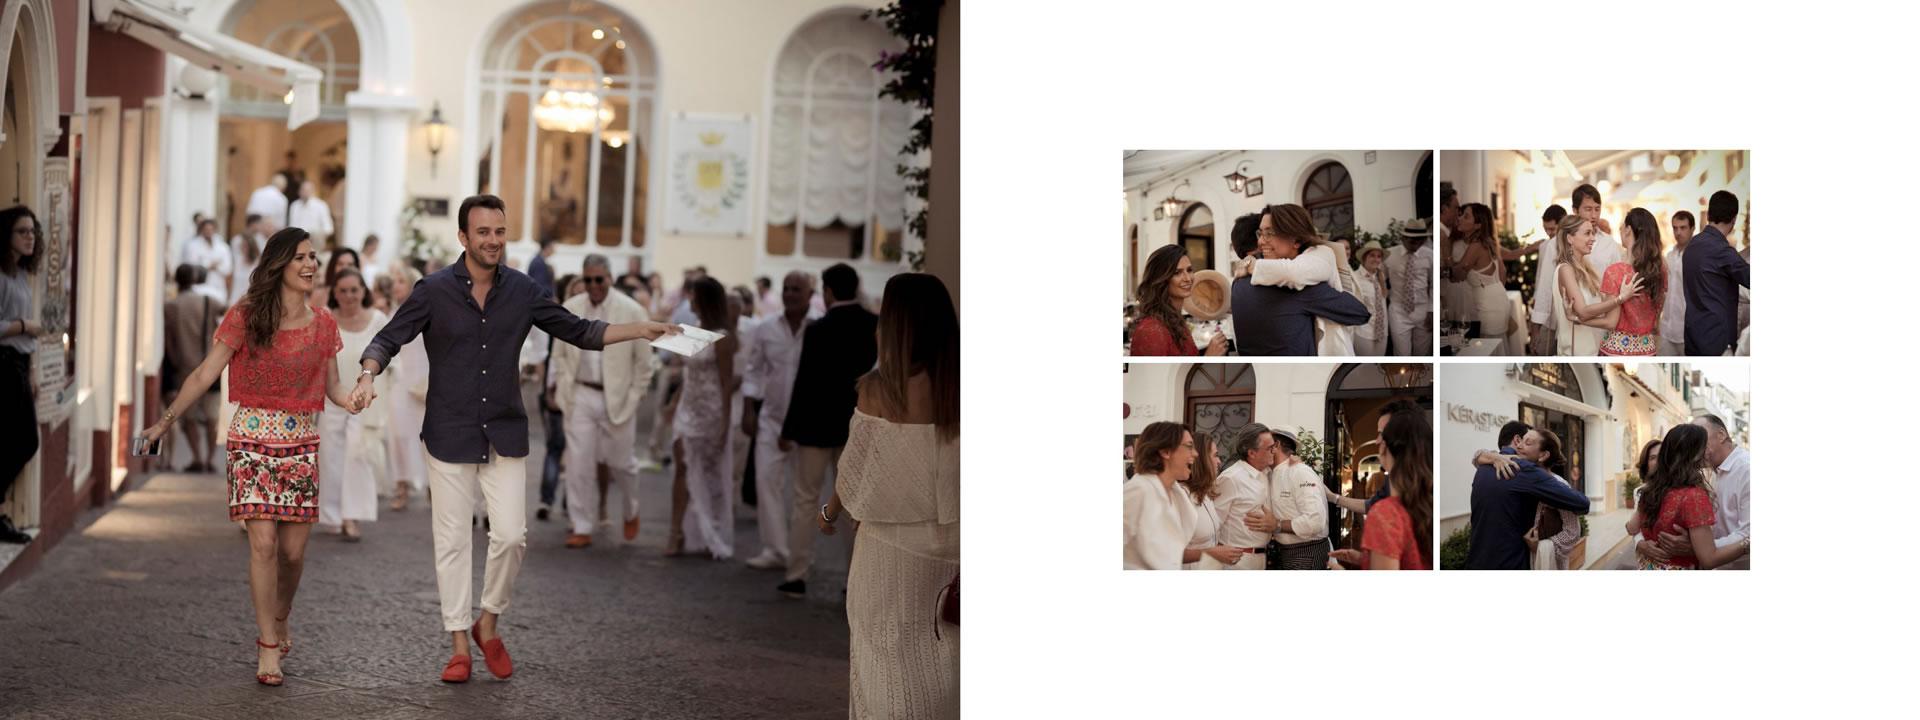 - 10 :: Jewish luxury wedding weekend in Capri :: Luxury wedding photography - 9 ::  - 10